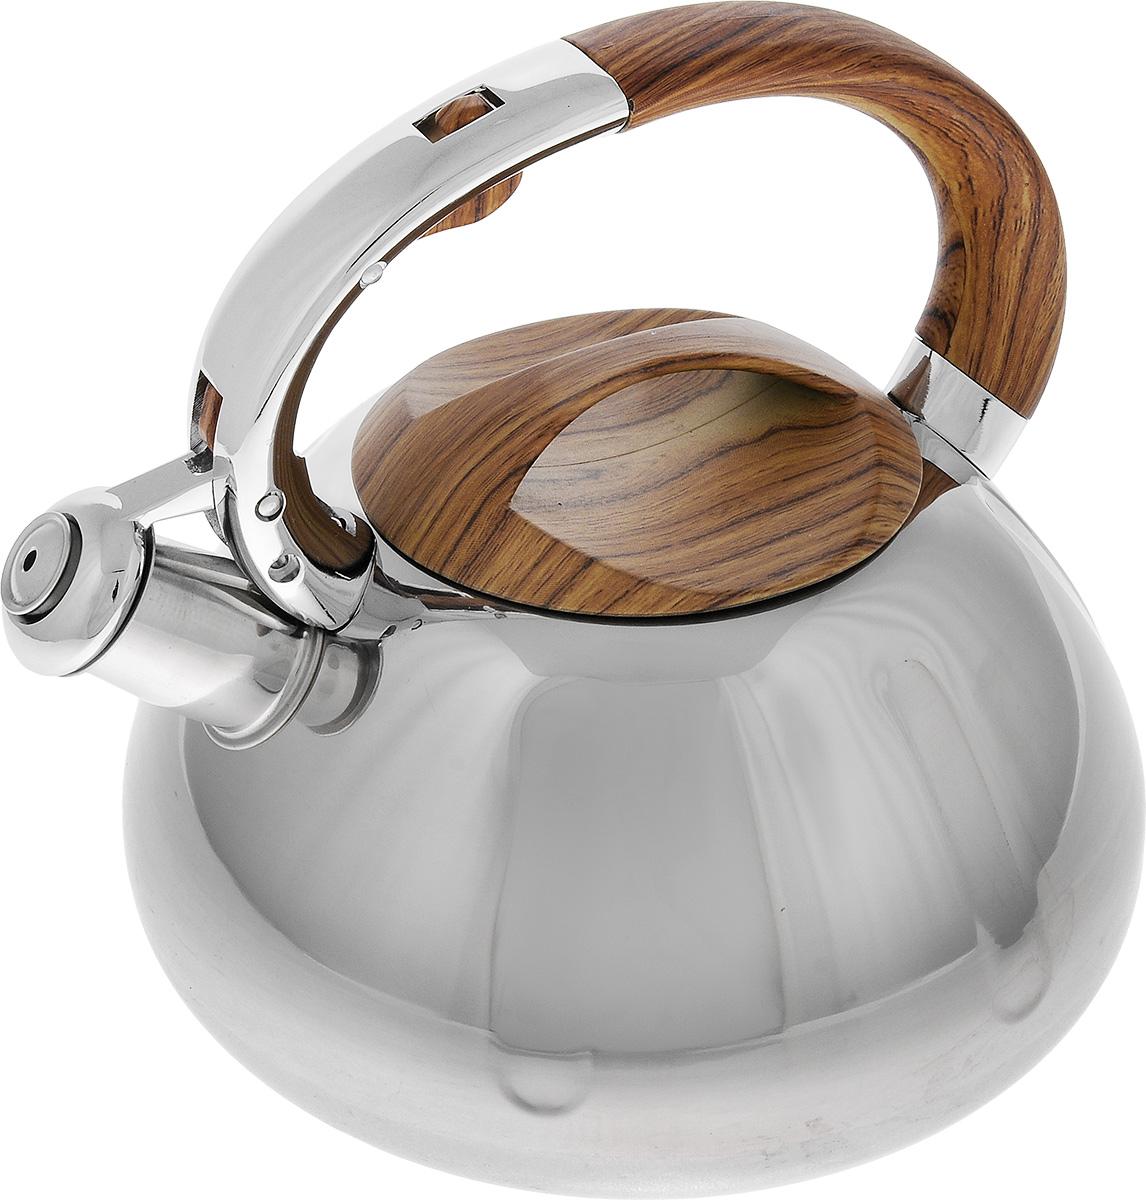 Чайник Mayer & Boch, со свистком, 2,6 л. 2241454 009312Чайник Mayer & Boch выполнен из высококачественной нержавеющей стали, что делает его весьма гигиеничным и устойчивым к износу при длительном использовании. Капсулированное дно с прослойкой из алюминия обеспечивает наилучшее распределение тепла. Носик чайника оснащен насадкой-свистком, что позволит вам контролировать процесс подогрева или кипячения воды. Фиксированная ручка, изготовленная из бакелита в цвет дерева, дает дополнительное удобство при разлитии напитка. Поверхность чайника гладкая, что облегчает уход за ним. Эстетичный и функциональный, с эксклюзивным дизайном, чайник будет оригинально смотреться в любом интерьере.Подходит для всех типов плит, включая индукционные. Можно мыть в посудомоечной машине.Высота чайника (без учета ручки и крышки): 11,5 см.Высота чайника (с учетом ручки и крышки): 21 см.Диаметр чайника (по верхнему краю): 11,5 см.